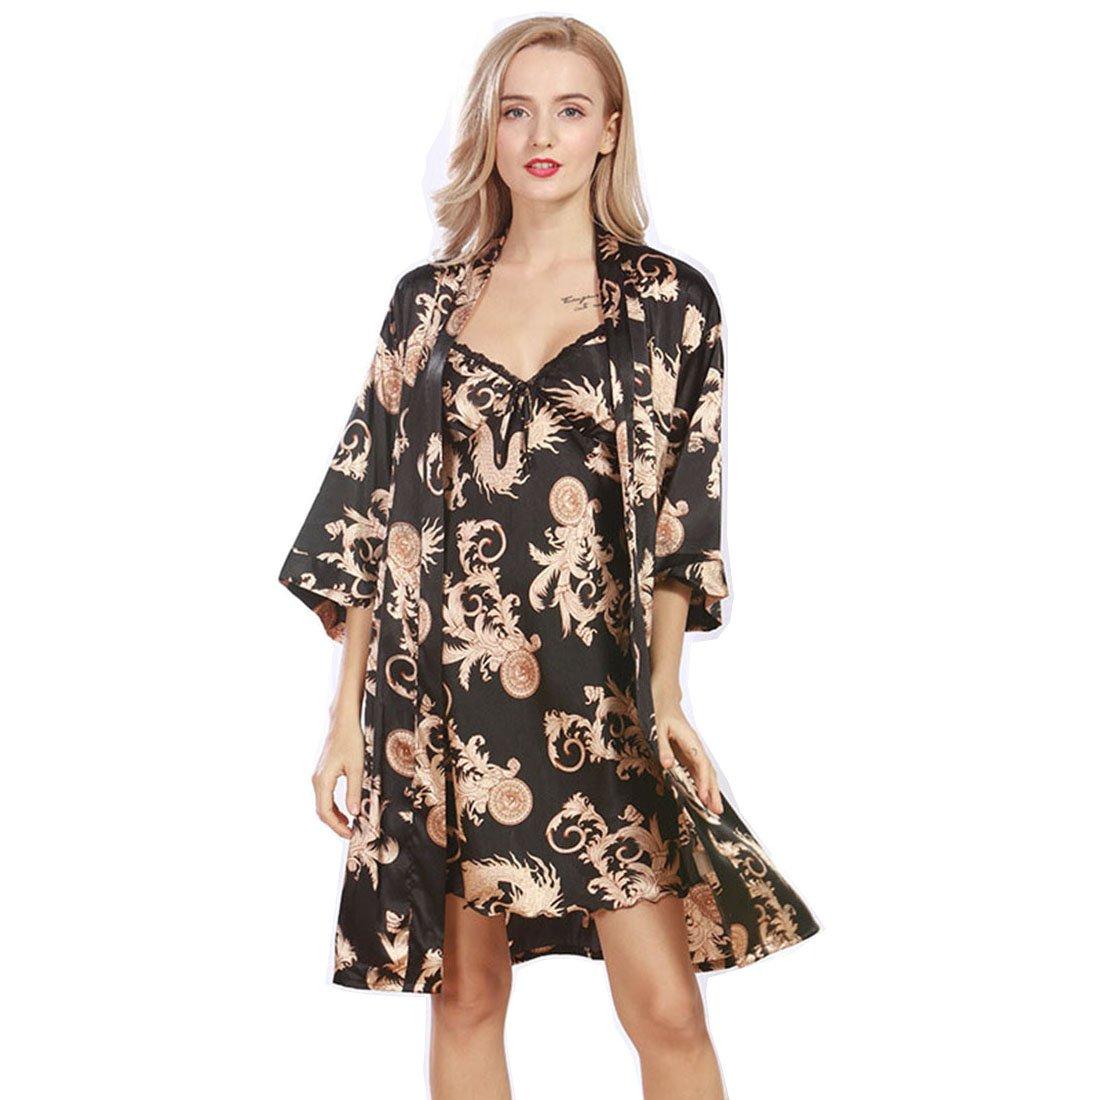 Daiwenwo Women Gown Sleepwear Ladies Nightdress 2 Pcs Set Female Pajamas WP322